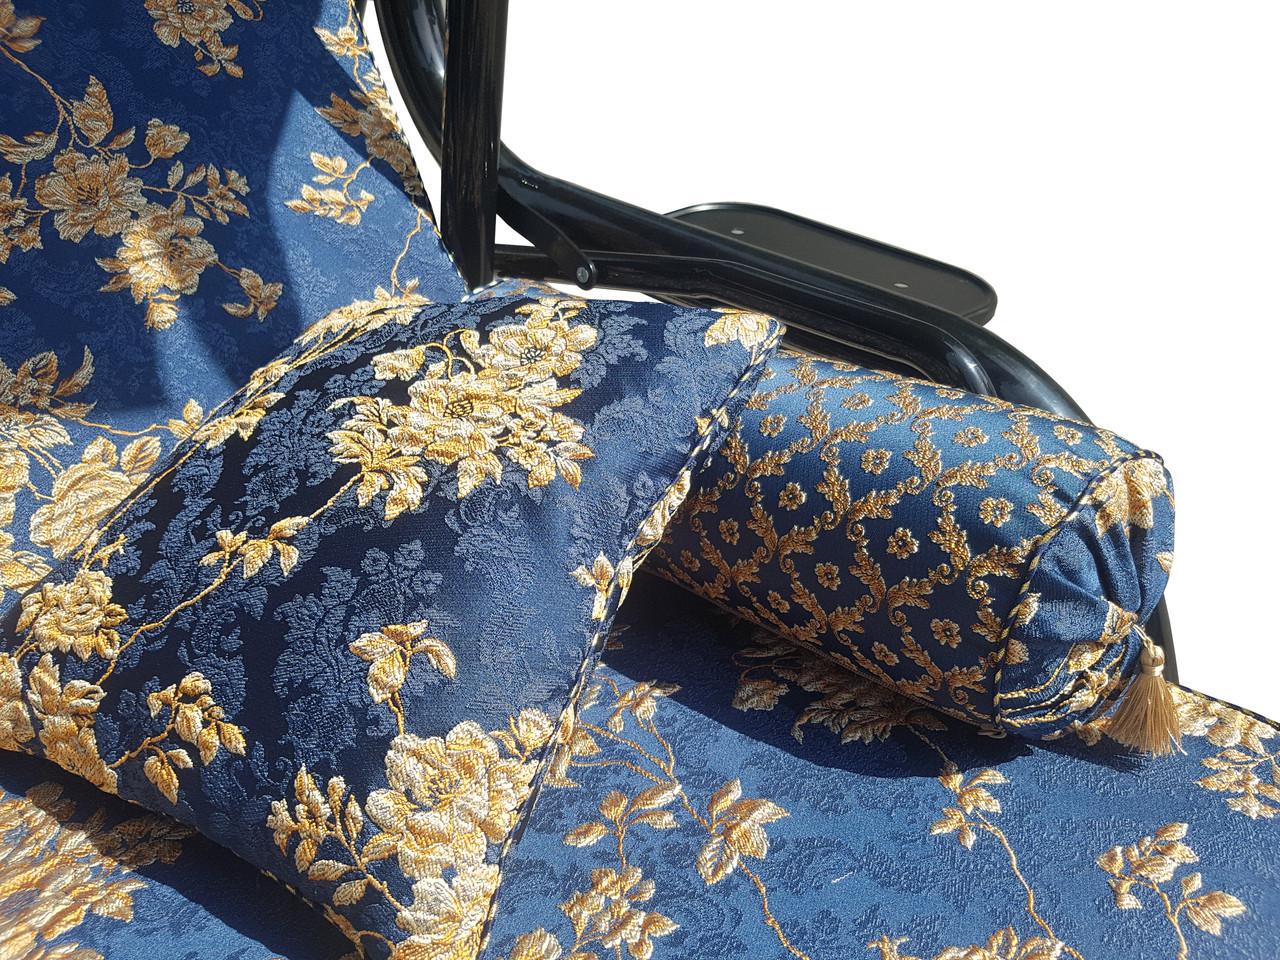 rud exhaust system Качеля садовая Spring-Swing Barokko Blue-Gold (БЕСПЛАТНАЯ ДОСТАВКА ПО УКРАИНЕ) 700110